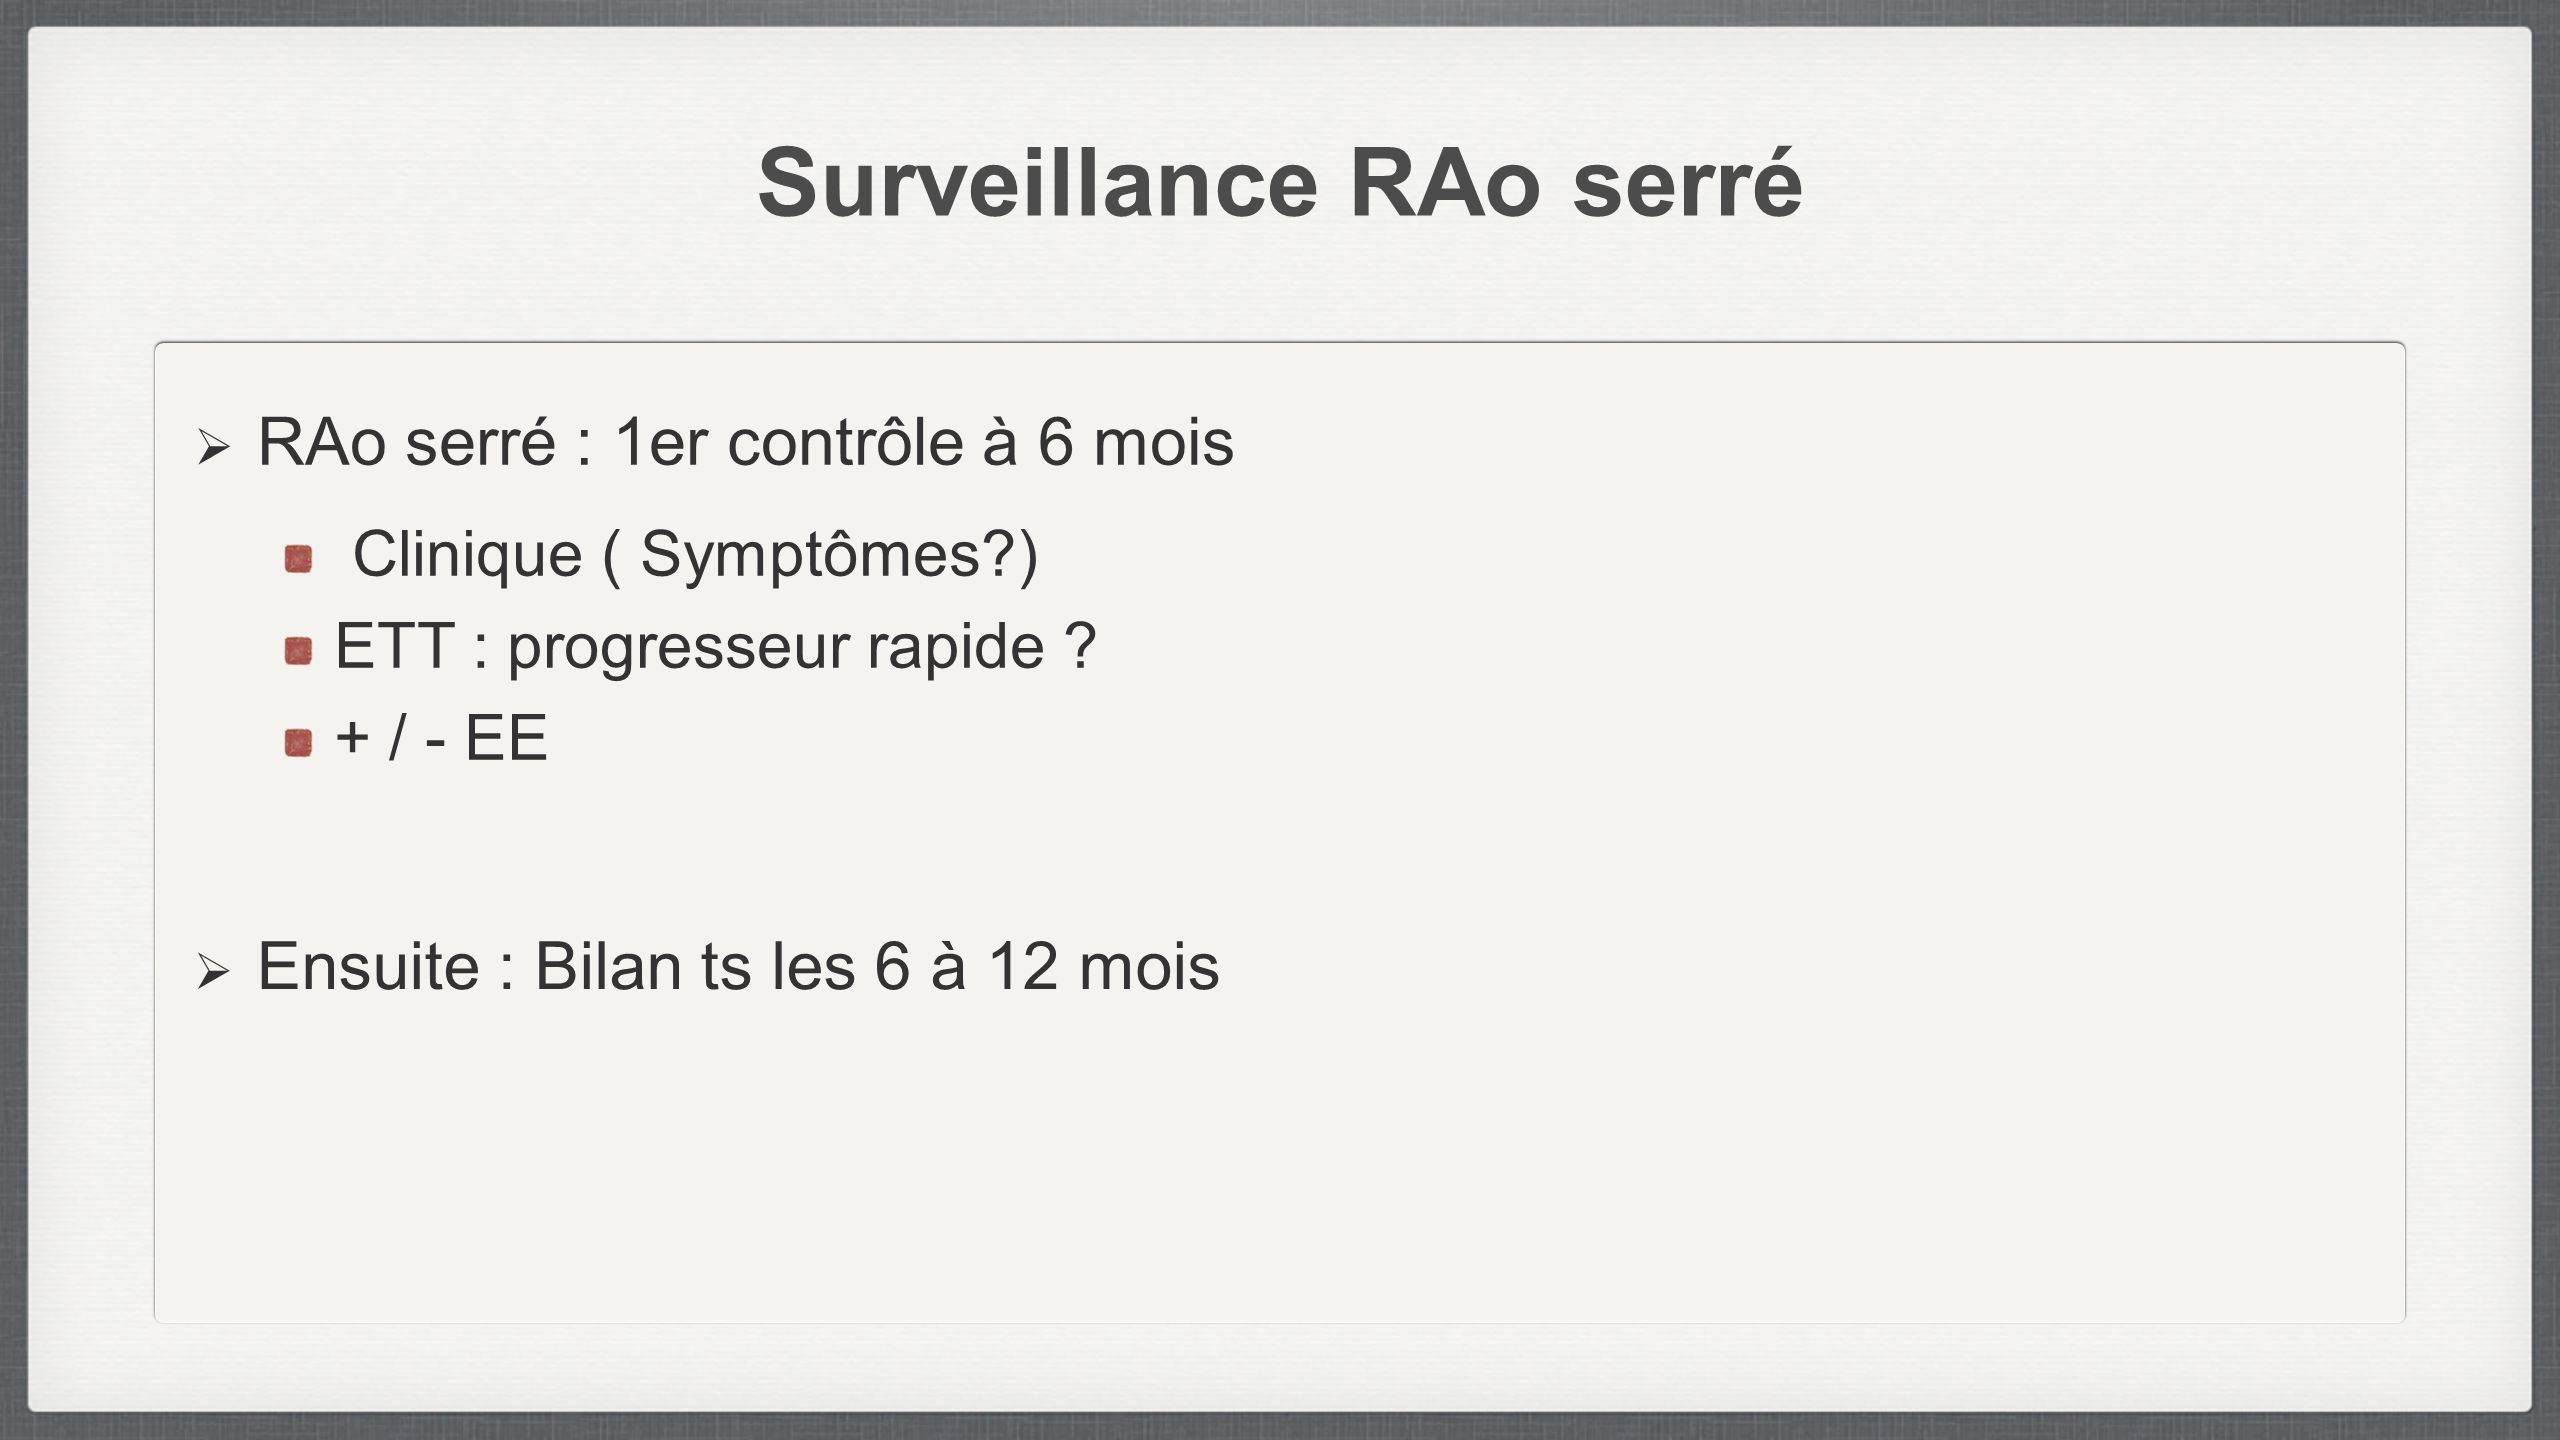 Surveillance RAo serré